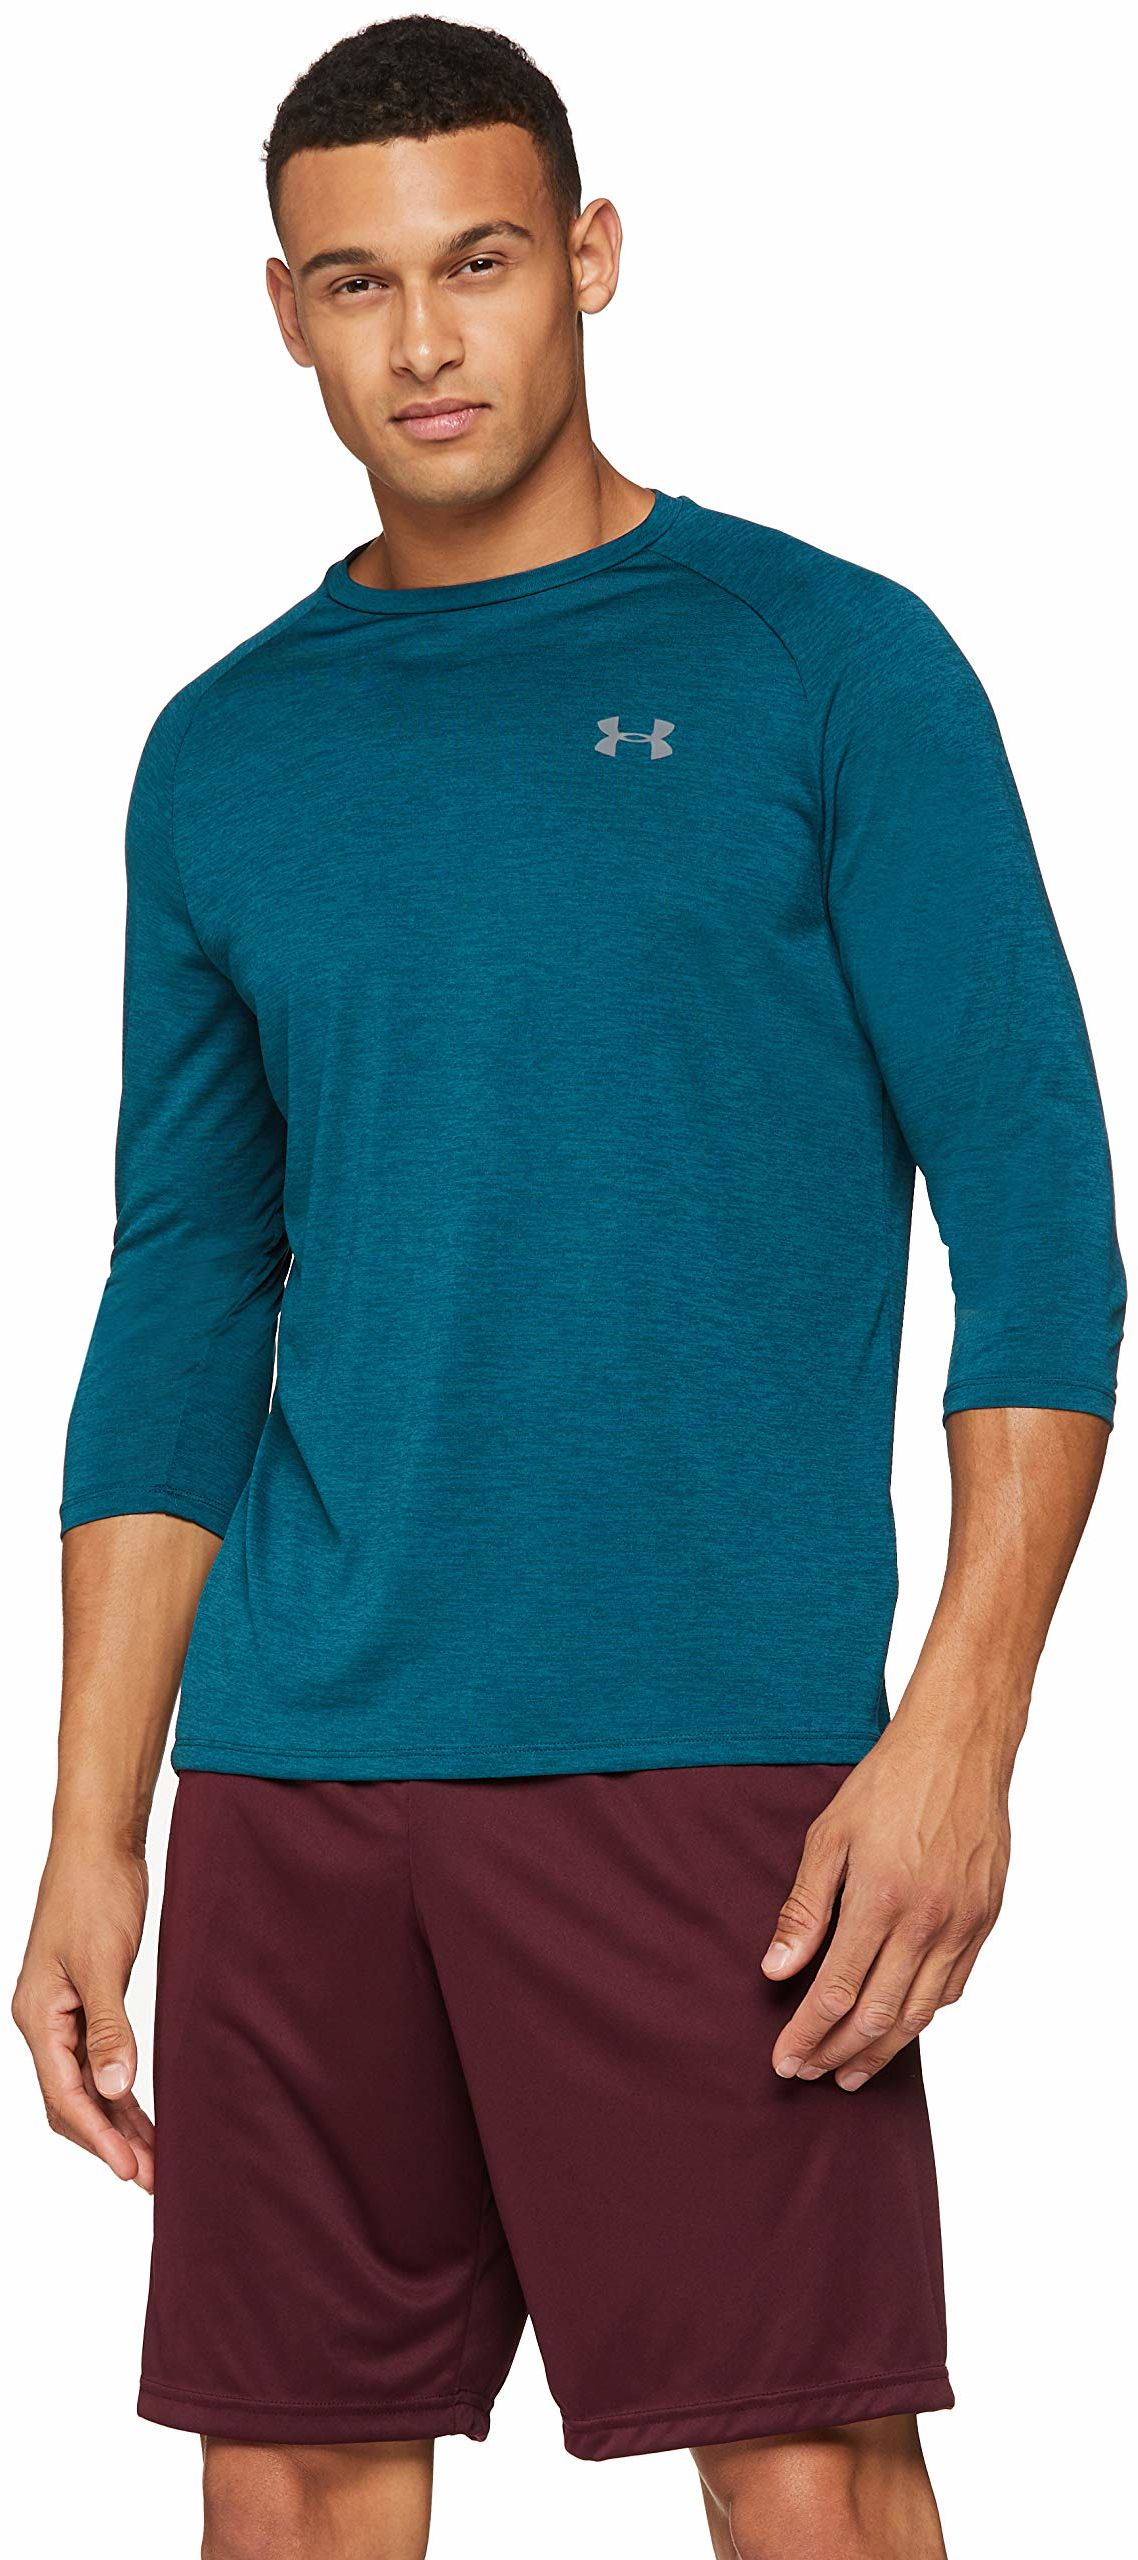 Under Armour Ua Tech 3/4 2.0 męska koszulka z długim rękawem Techno Teal/Graphite XL